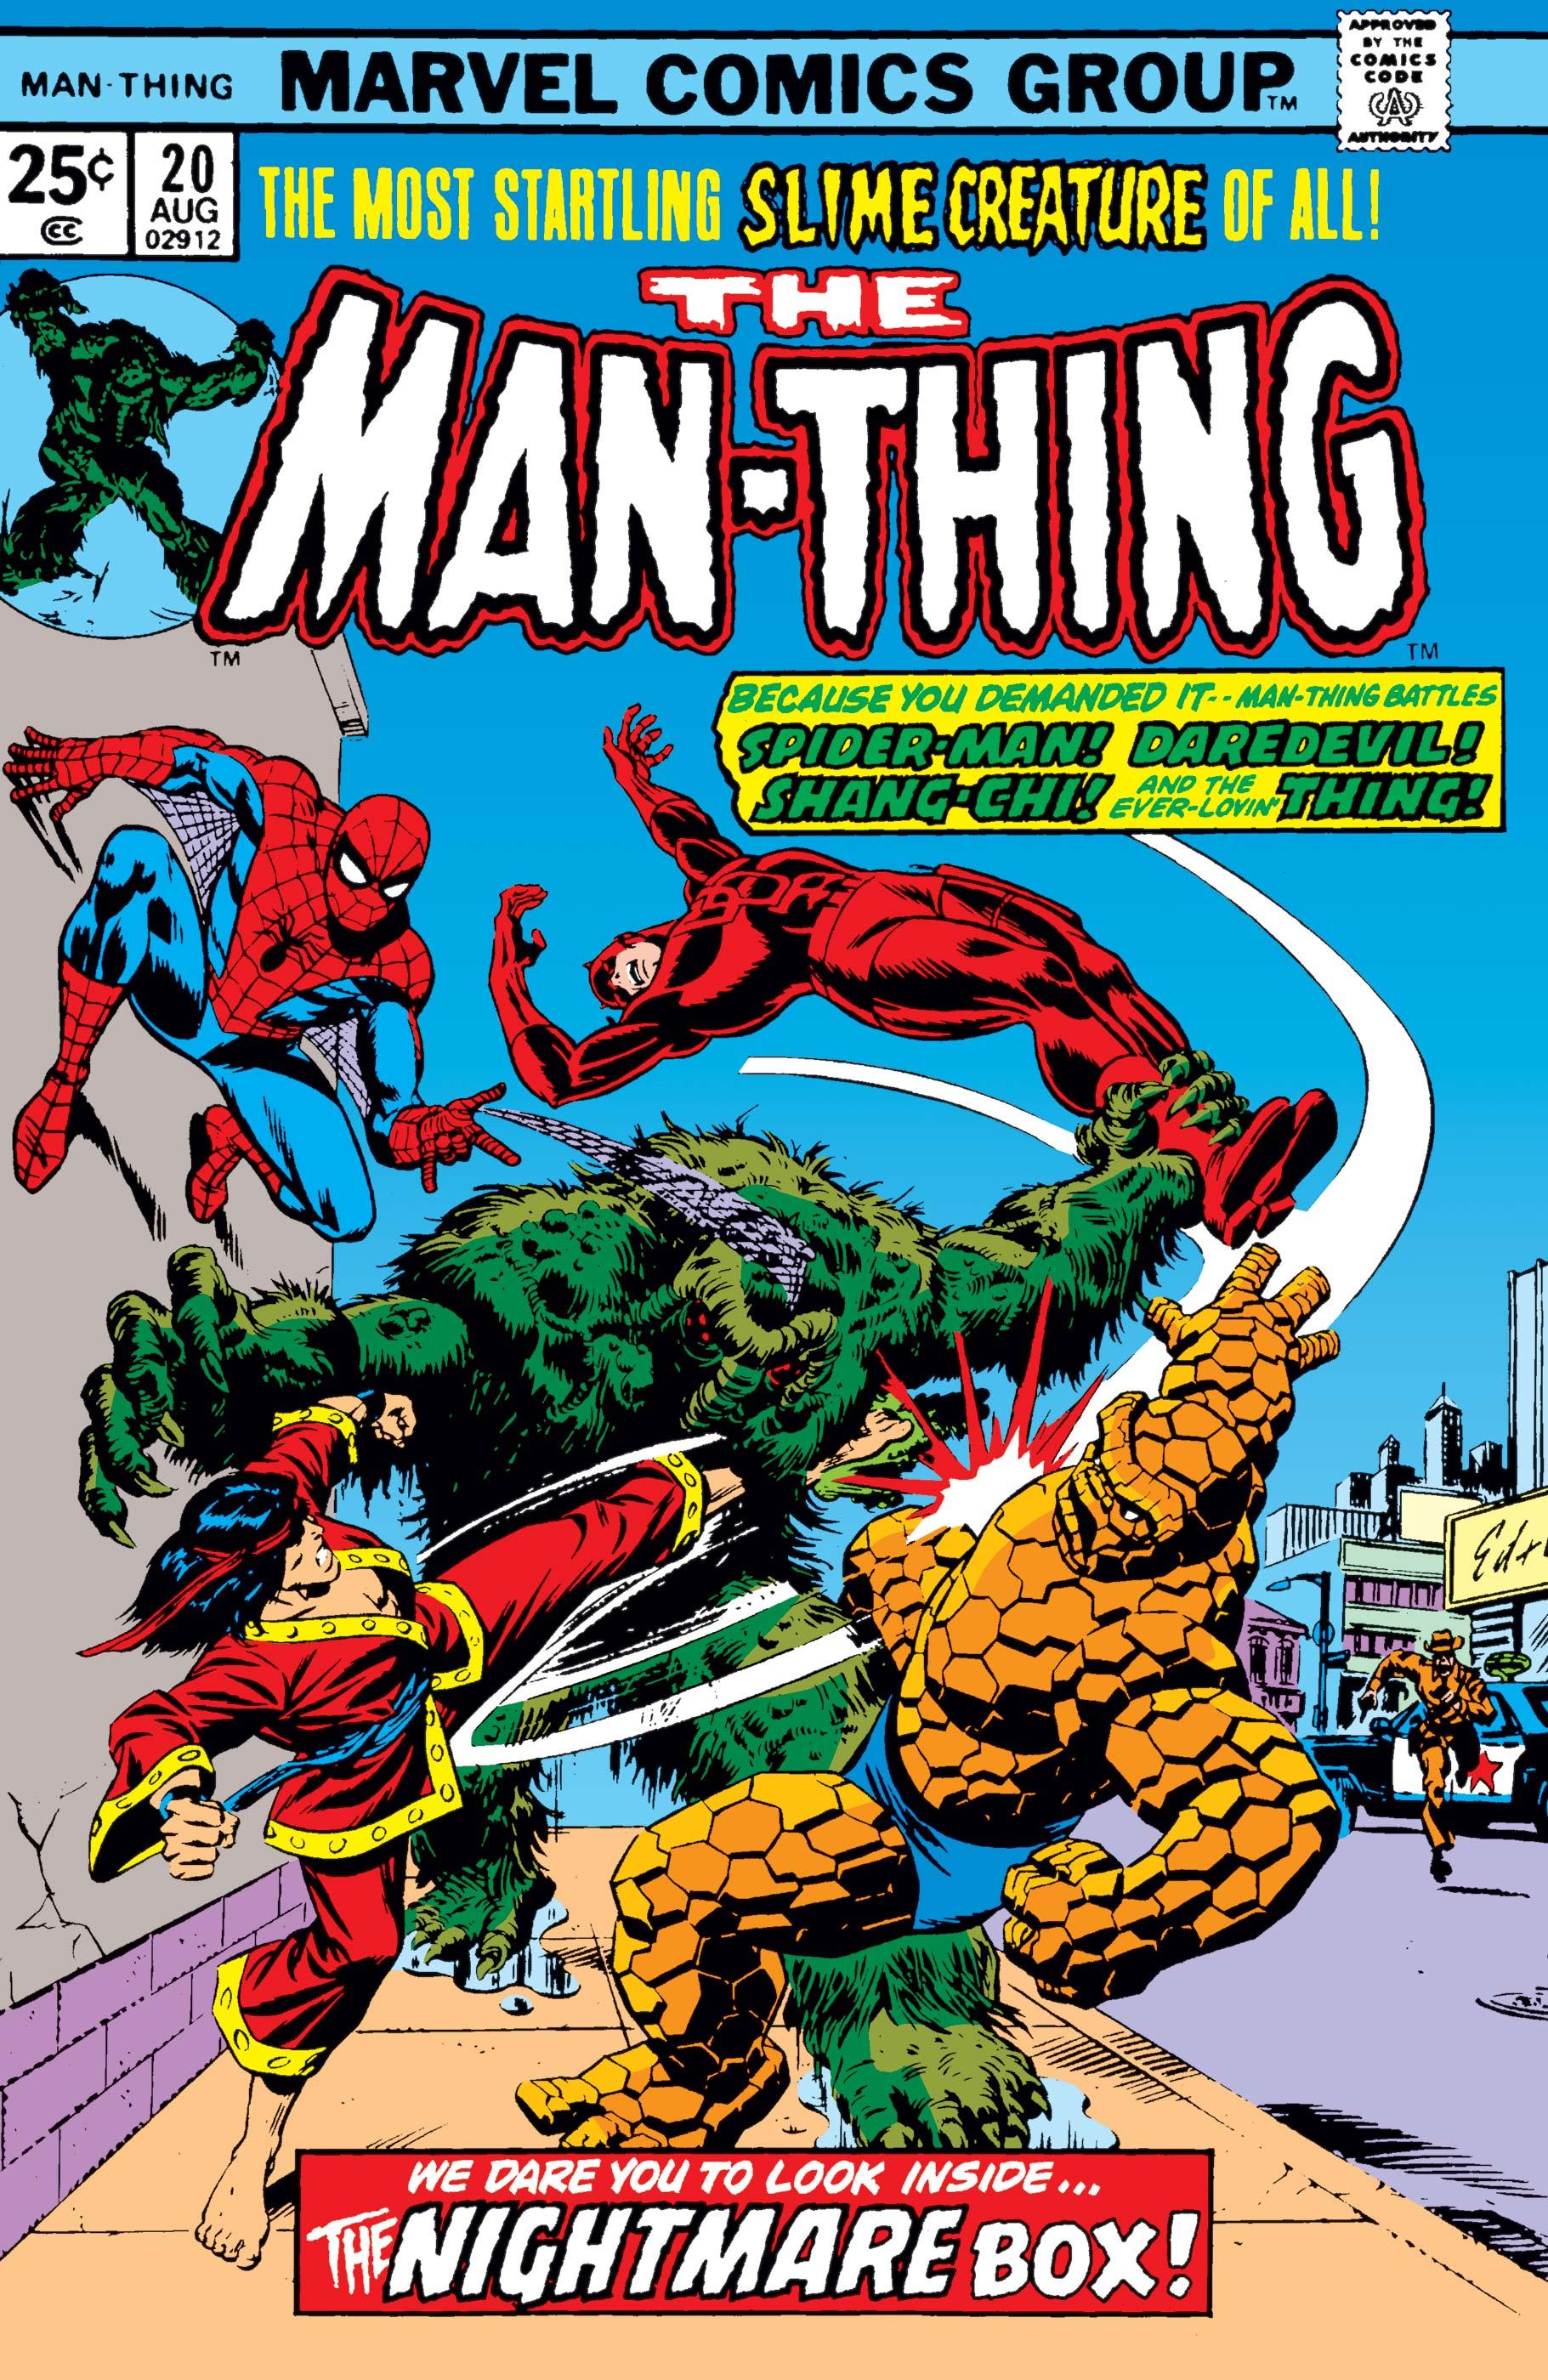 Man-Thing (1974) #20